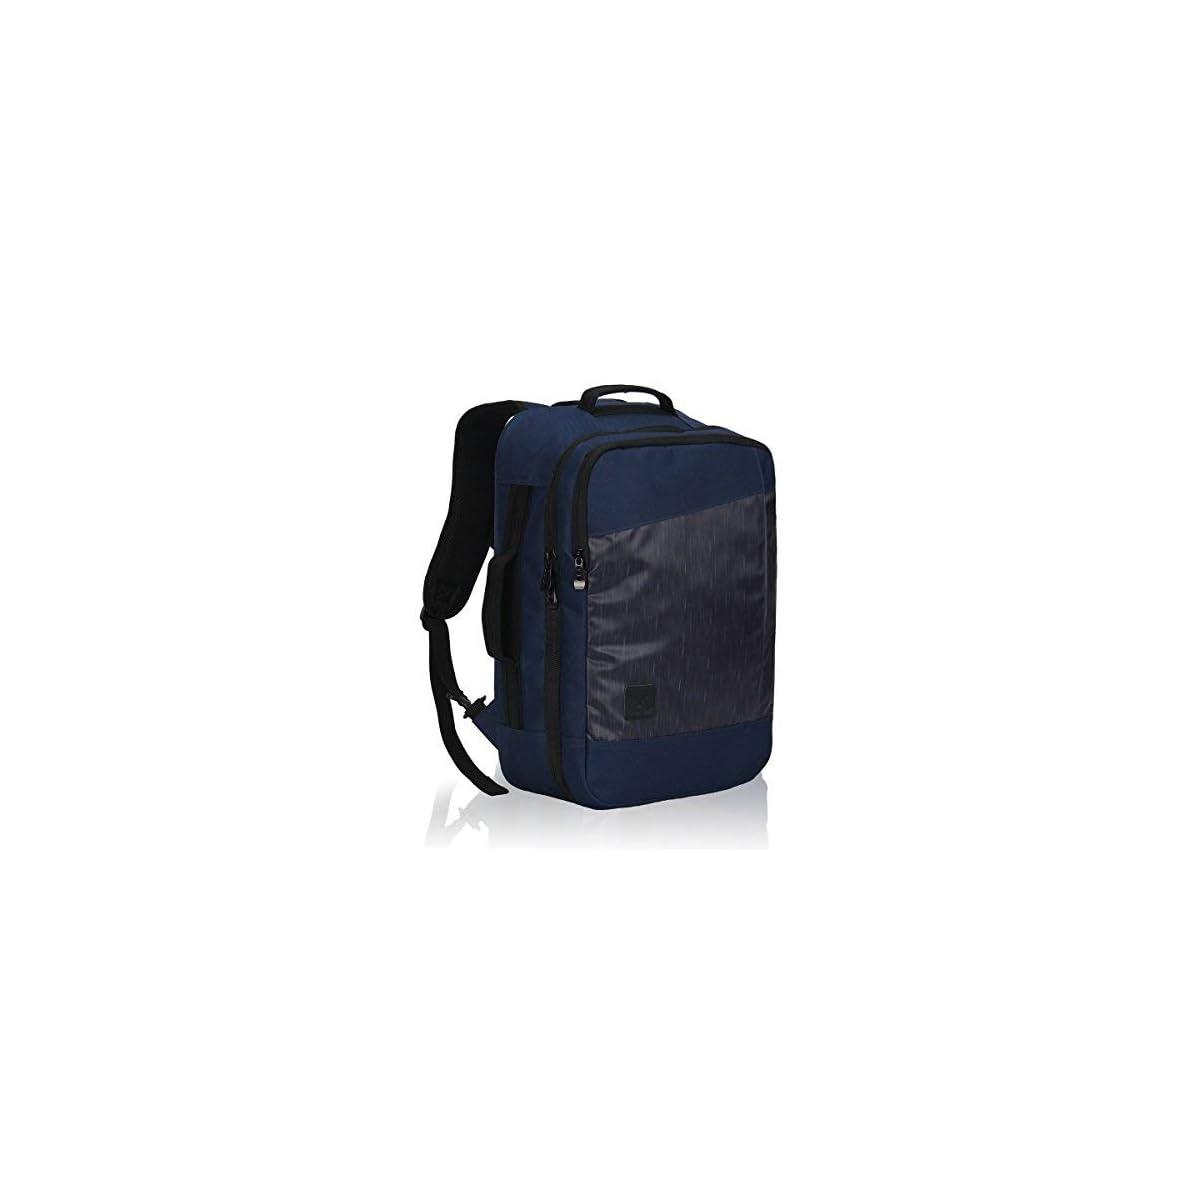 41SDo6zsfAL. SS1200  - Veevan Vuelo Aprobado llevar en la Mochila de Negocios de fin de semana Bolsas de viaje Mochila 28 litros